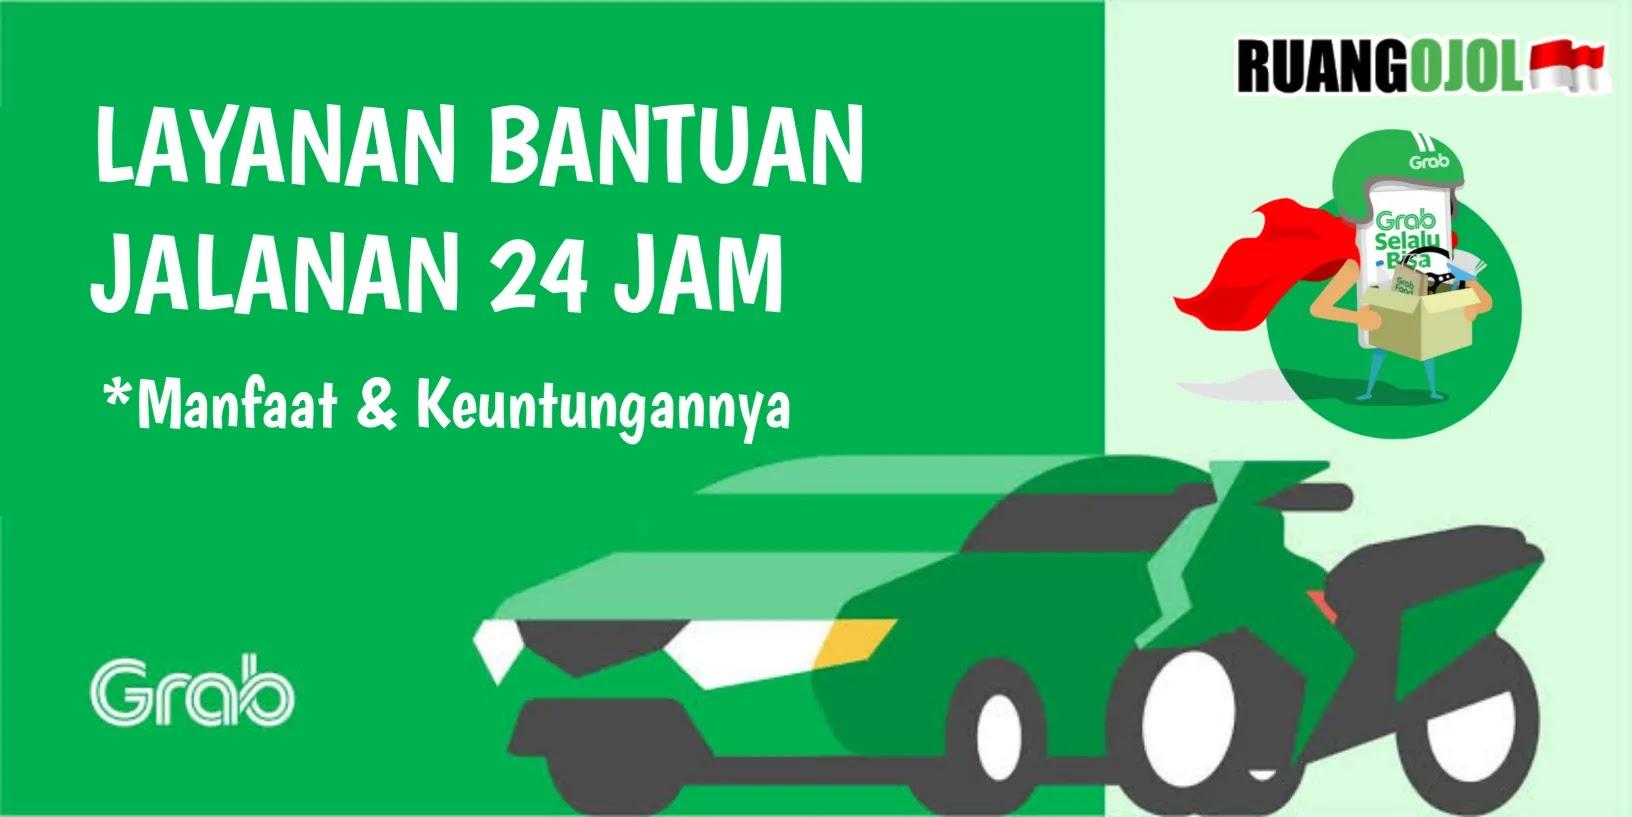 Apa Itu Layanan Bantuan Jalanan 24 Jam GrabCar